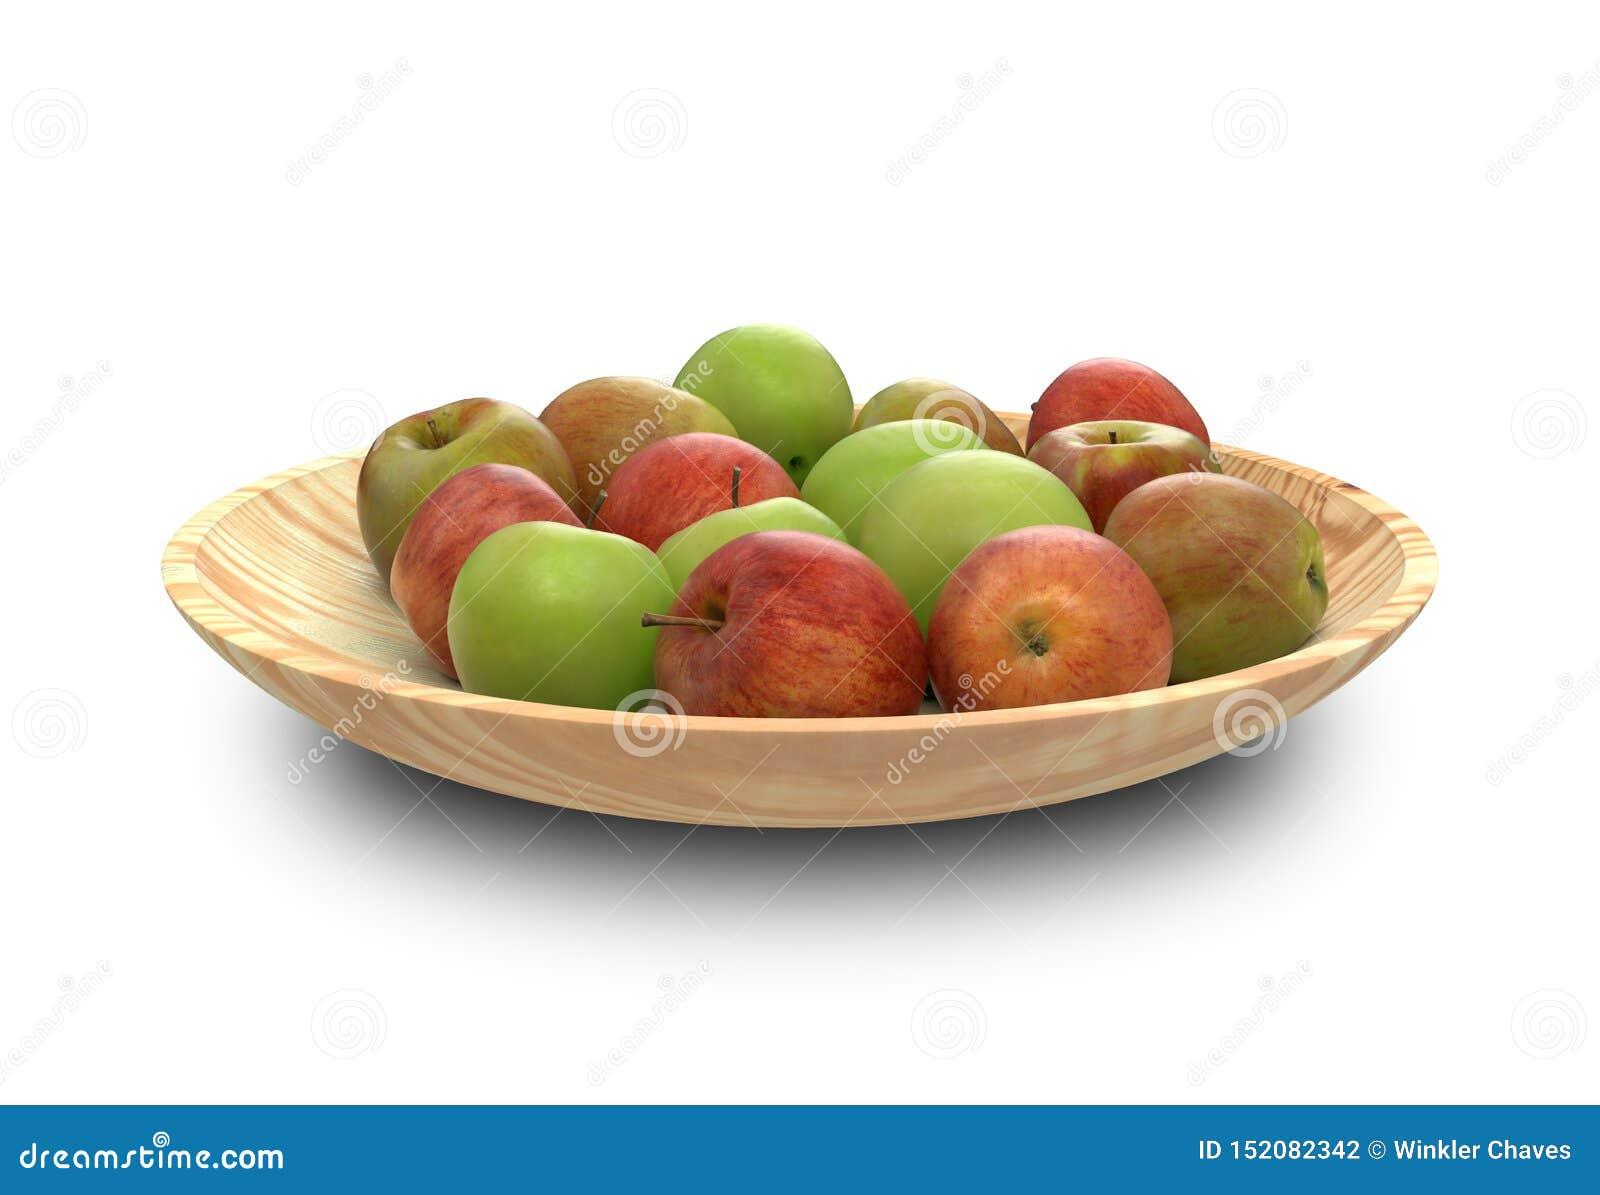 Apple - zieleń i rewolucjonistka, ścinek ścieżka, maçã manzana